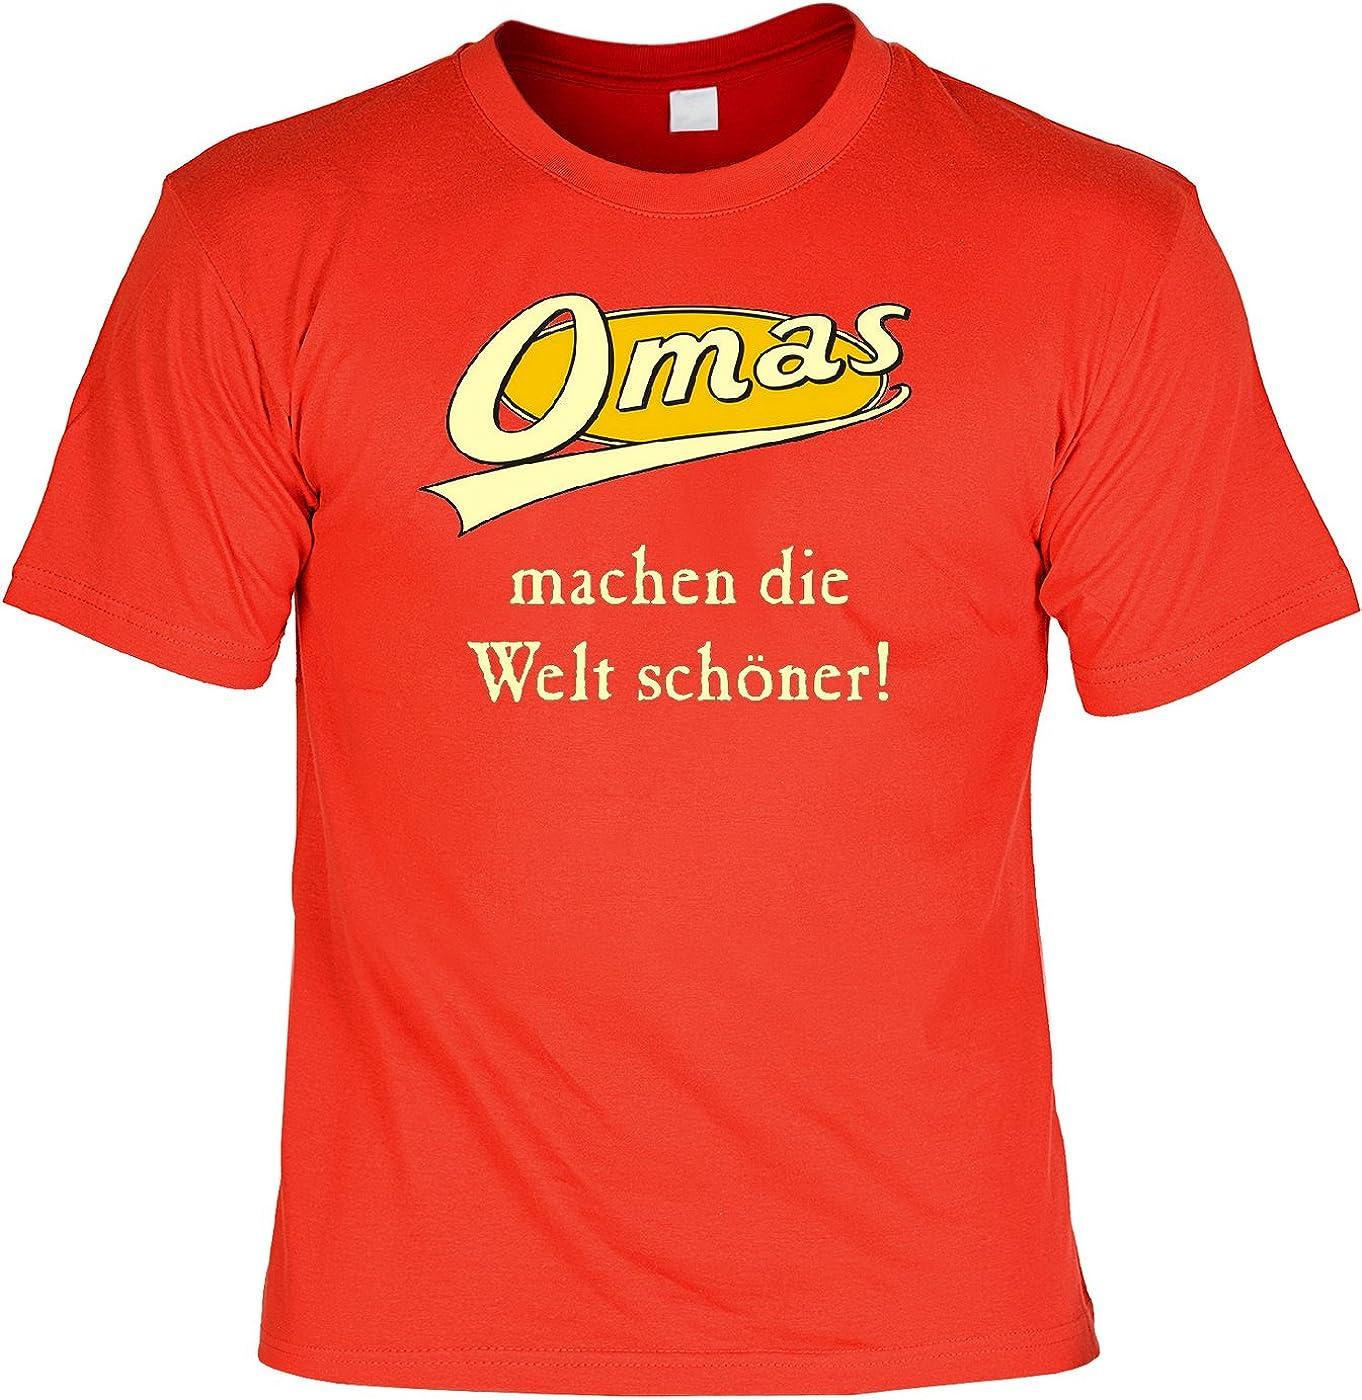 Goodman Design ® Tuerca Día Camiseta – Abuelas Hacen el Mundo Schöner – con Mini Camisa para la Botella: Amazon.es: Ropa y accesorios